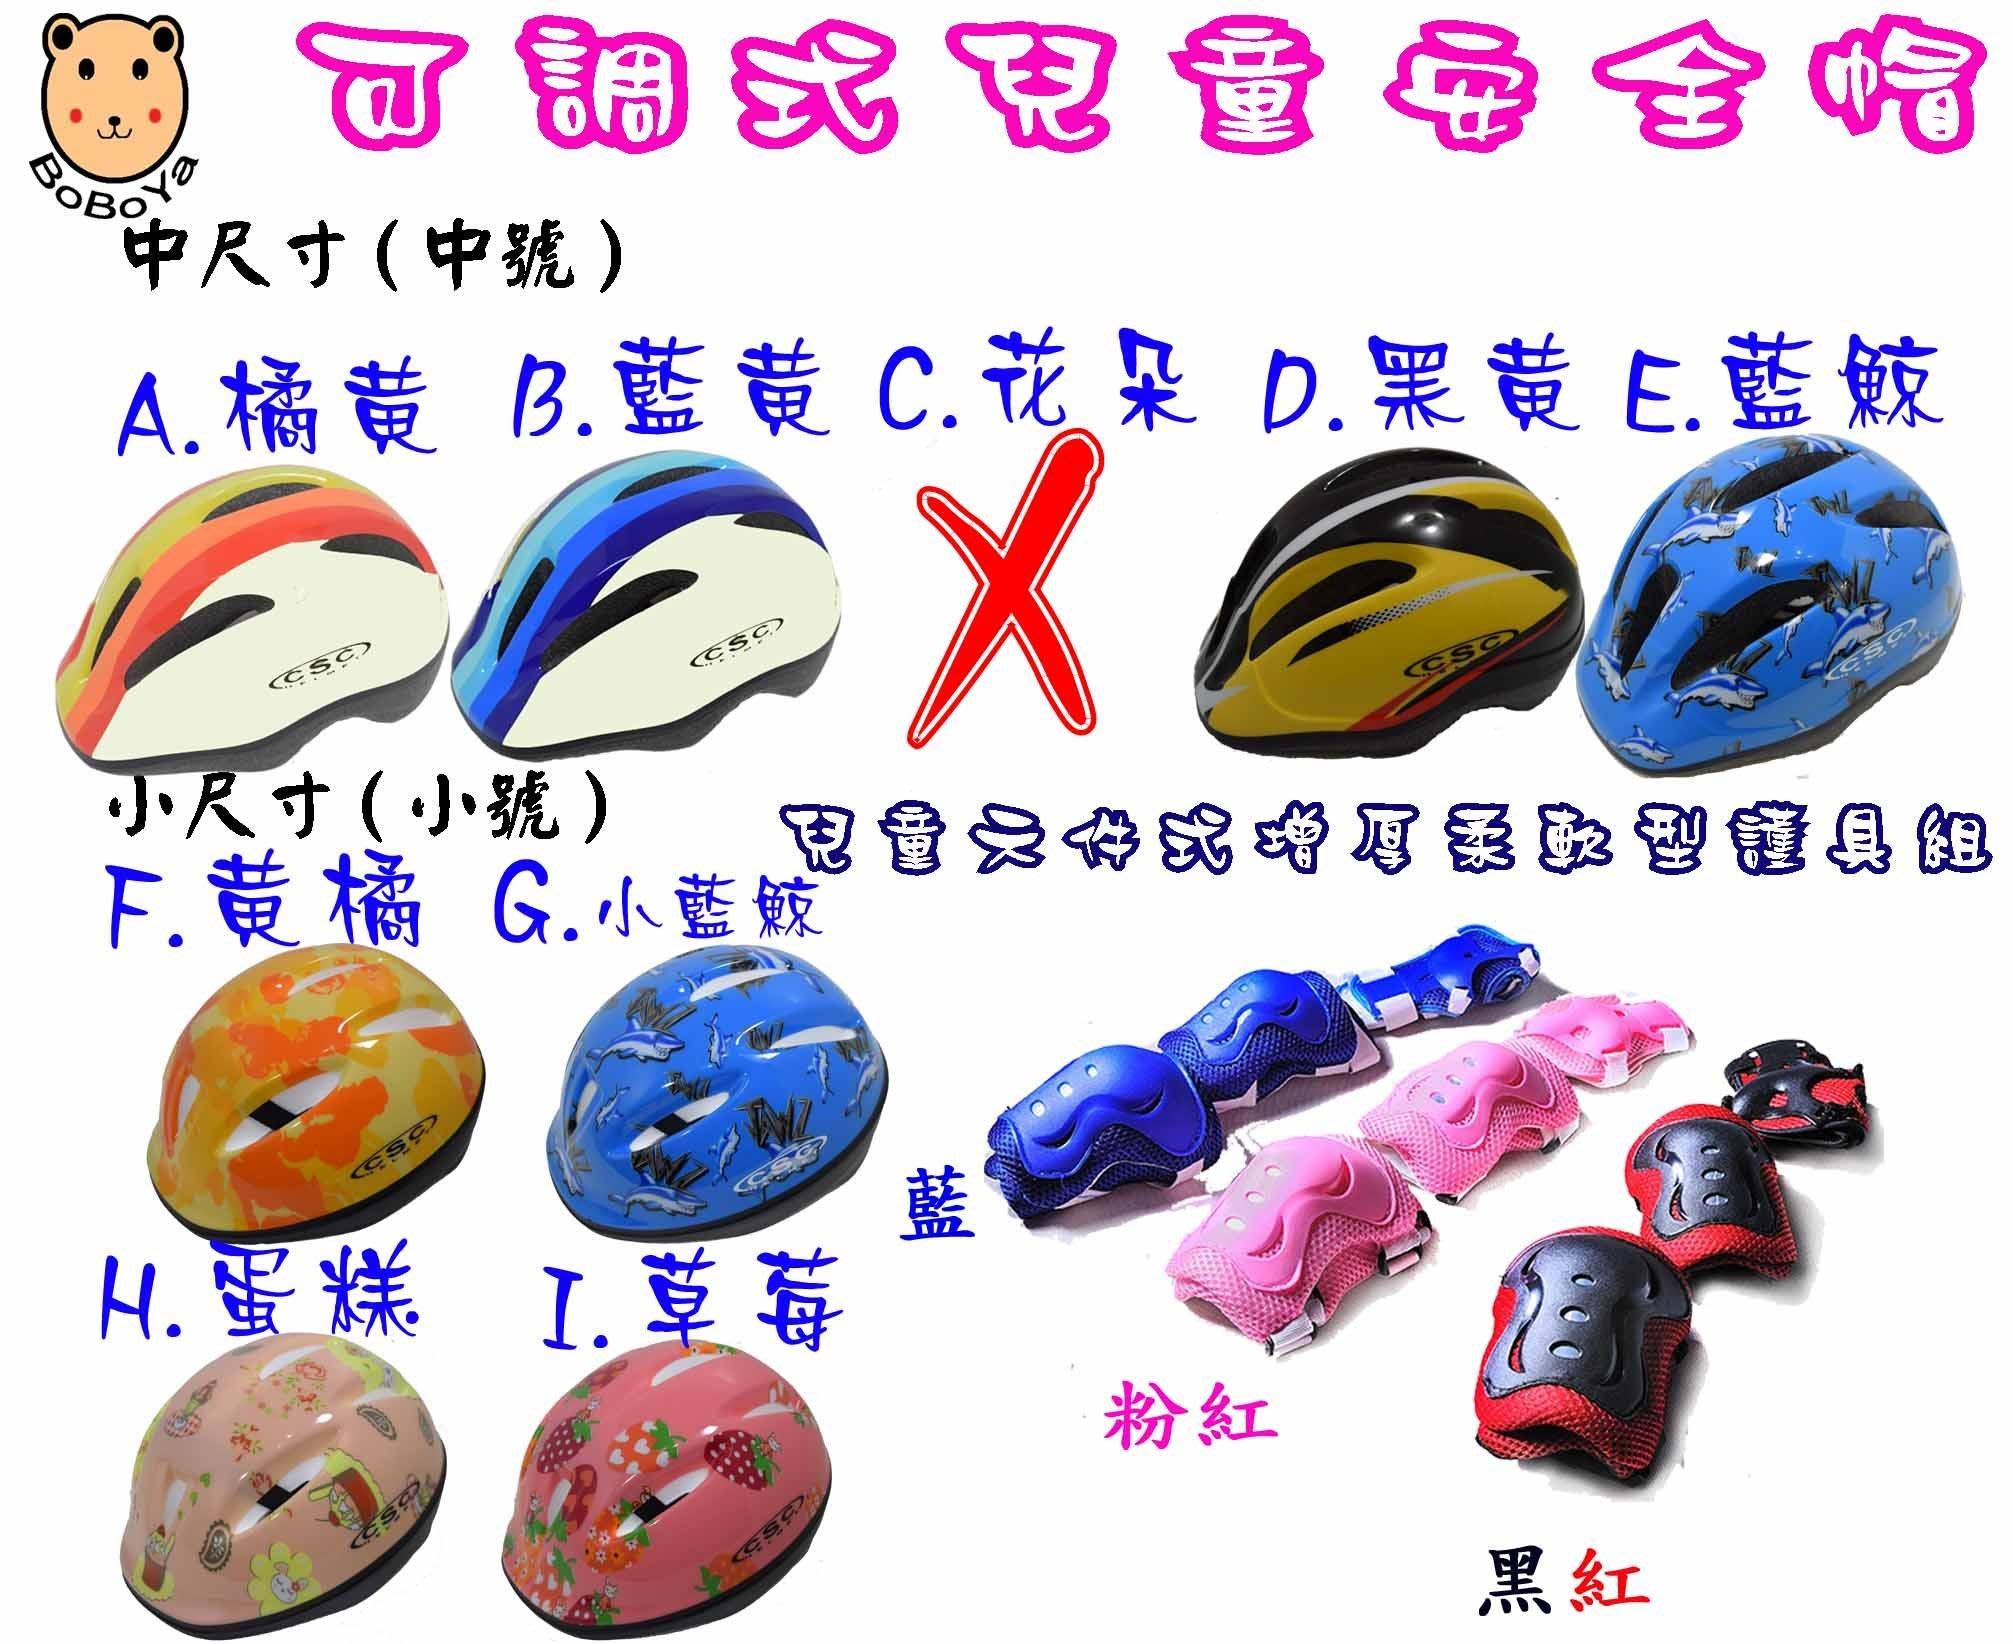 台灣製 可調式兒童安全帽  頭盔 +兒童六件式增厚柔軟型護具組 jimmybear 滑步車 蛇板 雙龍板 直排輪